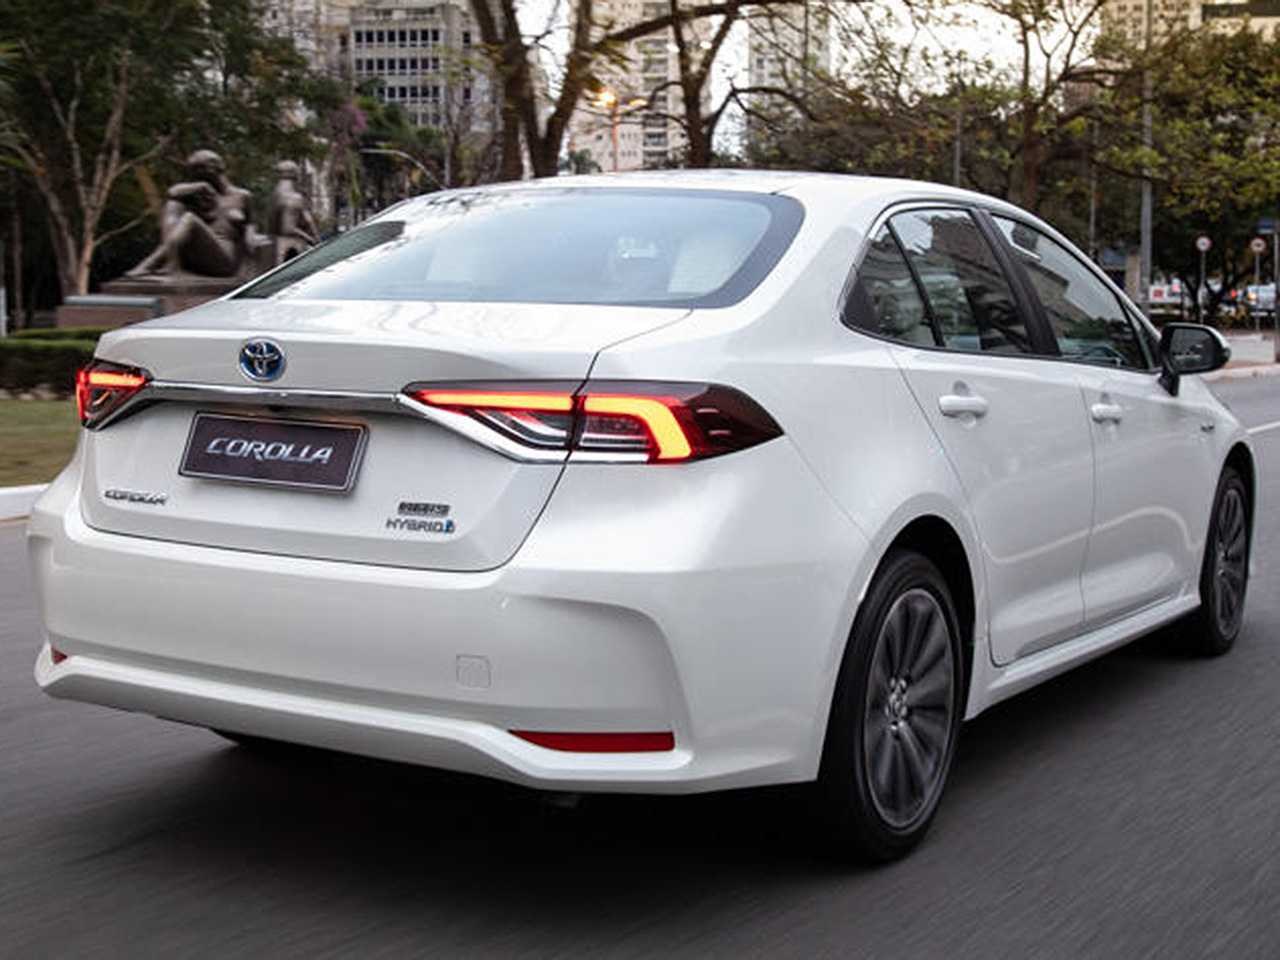 Híbrido flex, como é o caso do Corolla nacional, é uma excelente alternativa de carro menos poluente